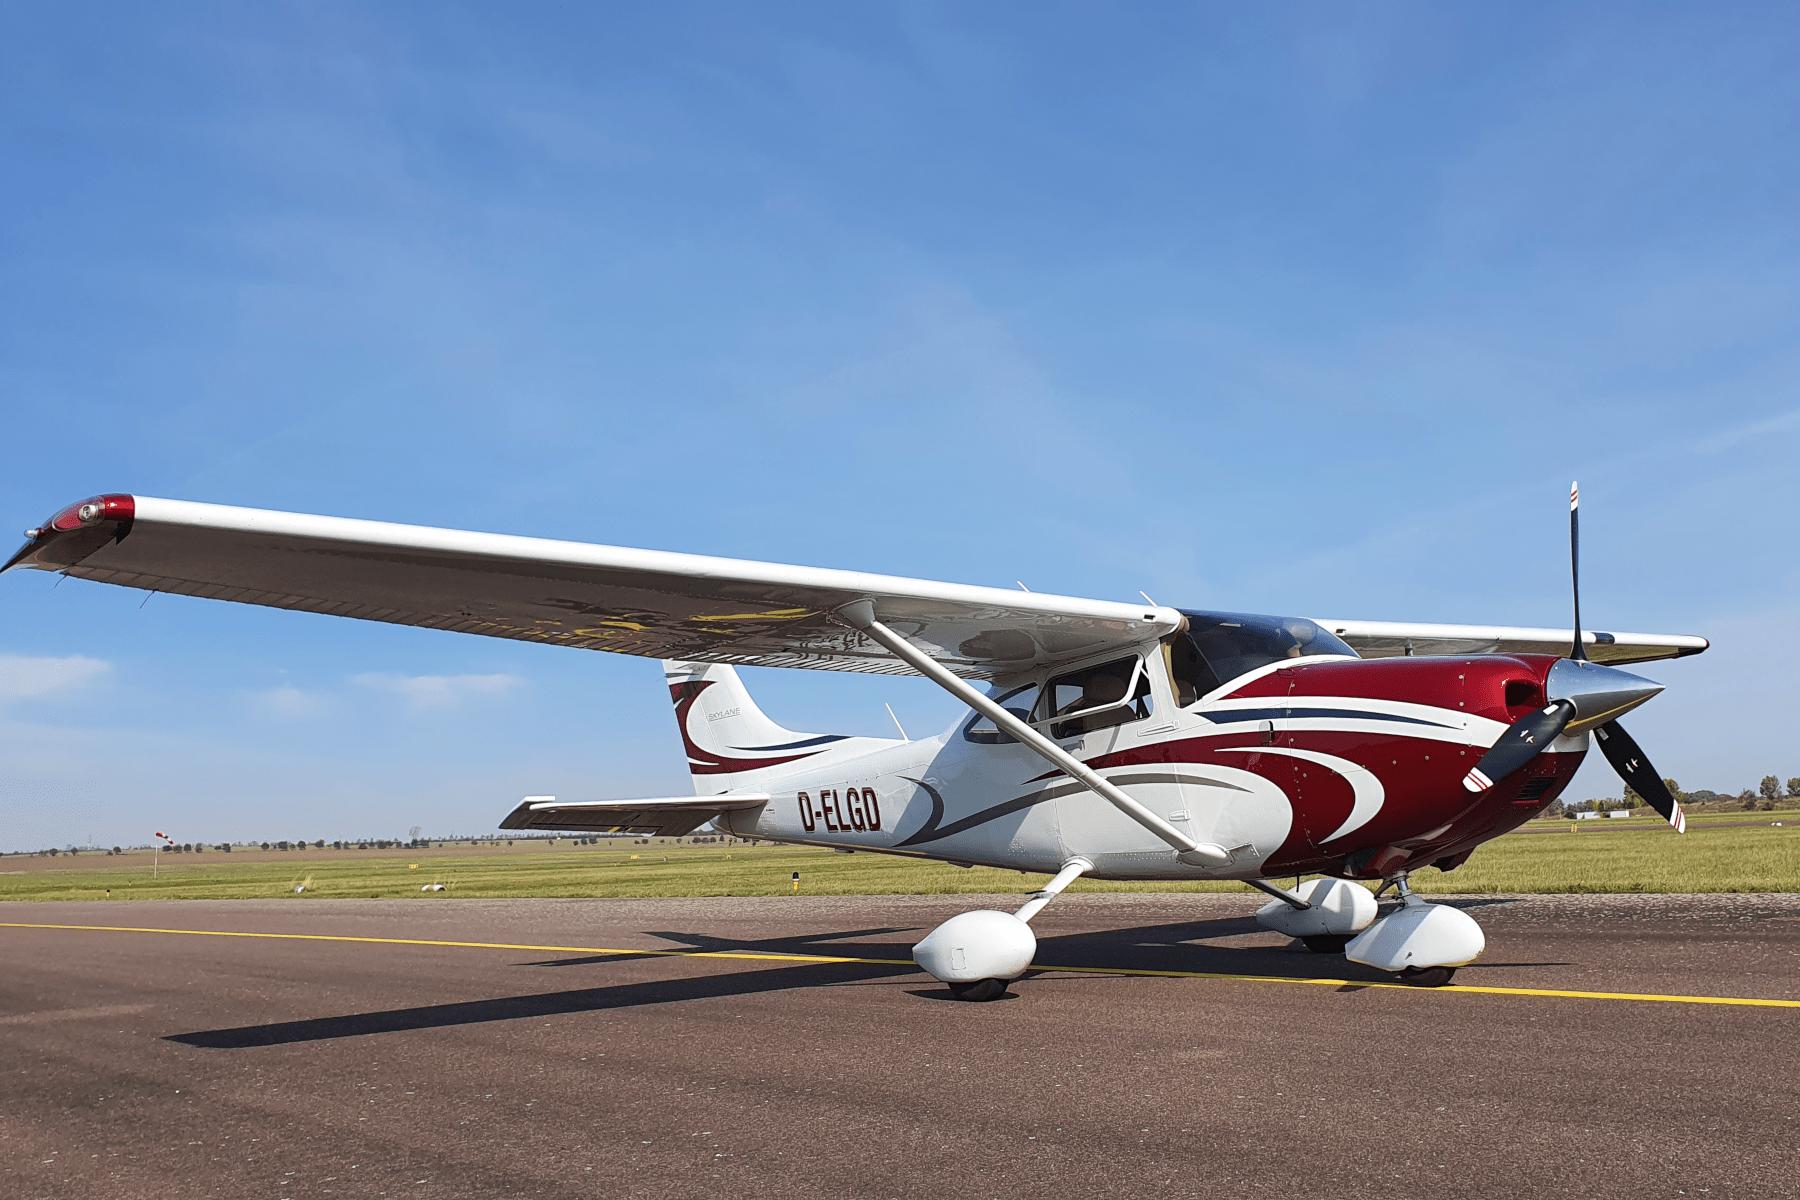 Der Flugzeugtyp Cessna 182 steht auf dem Flugfeld